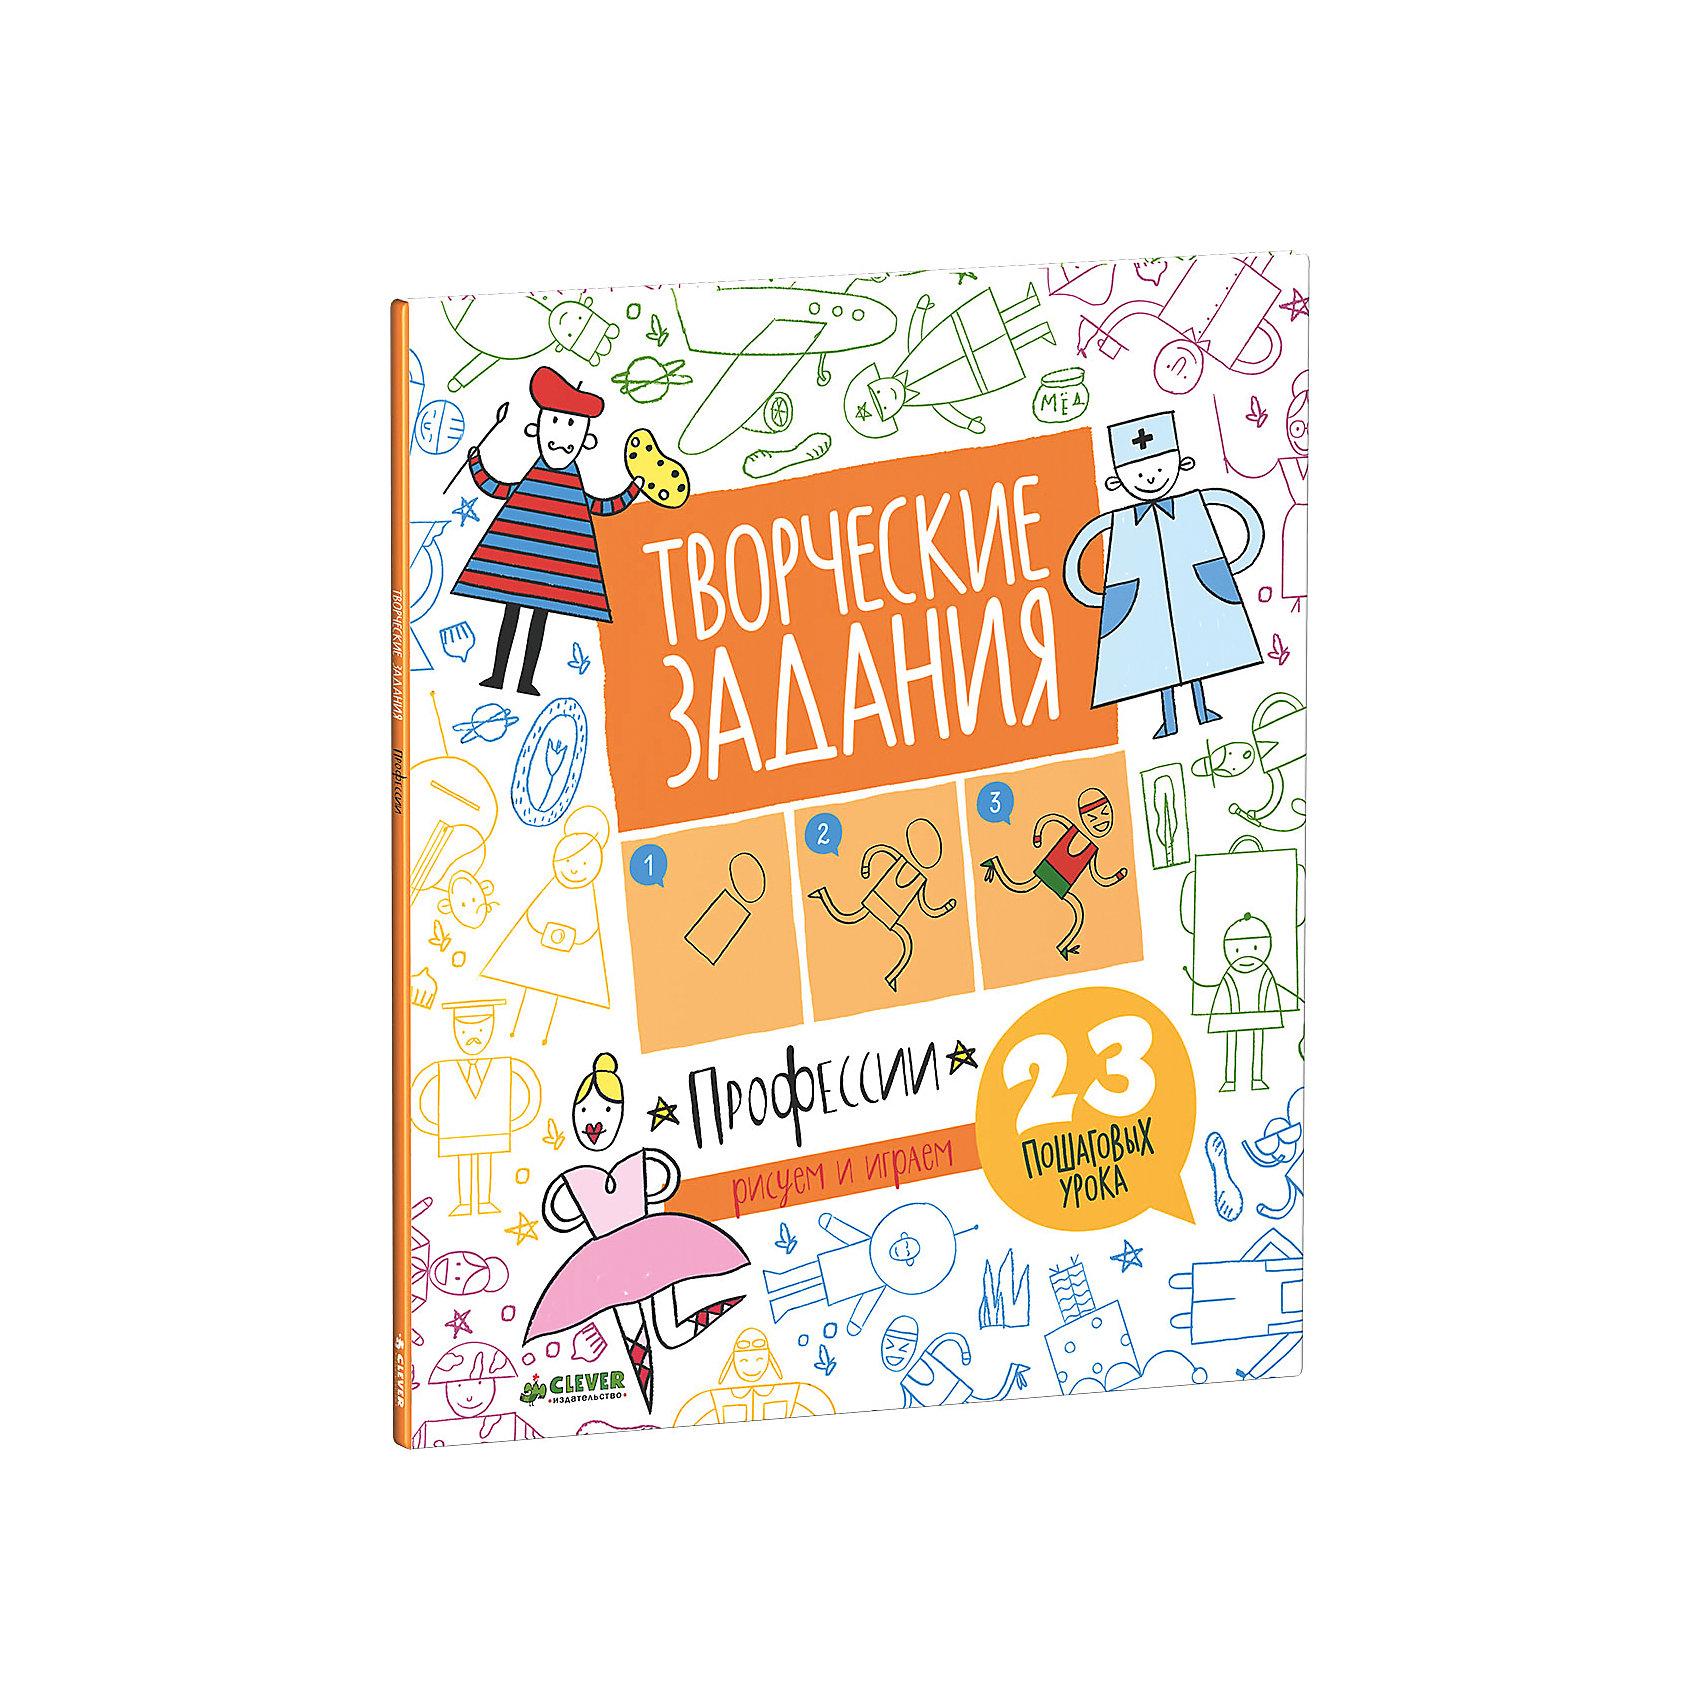 Творческие задания Профессии, 23 пошаговых урокаCLEVER (КЛЕВЕР)<br>Творческие задания Профессии, 23 пошаговых урока<br><br>Характеристики:<br><br>• ISBN: 978-5-906824-94-3<br>• Кол-во страниц:48<br>• Возраст: от 5 лет <br>• Формат: а4<br>• Размер книги: 250x216x5 мм<br>• Бумага: офсет<br>• Вес: 210 г<br>• Обложка: мягкая<br><br>Творчество и, в частности, рисование – прекрасный способ снять стресс, напряжение и освободиться от беспокойства. Если вы устали, раздражены или не знаете, чем себя занять – эта книга прекрасно подойдет для того, чтобы развлечься, найти вдохновение, расслабиться и почувствовать радость. <br><br>Эта книга-альбом для творчества и рисования позволяет отвлечься от повседневных забот и побыть наедине с собой. Не важно, умеете ли вы рисовать, важно только выражать себя, пробовать – и все получится. Для использования этой книги не нужна академическая точность – только ваше желание, ведь книга содержит пошаговые уроки, которые помогут вам нарисовать представителей разных профессий.<br><br>Творческие задания Профессии, 23 пошаговых урока можно купить в нашем интернет-магазине.<br><br>Ширина мм: 250<br>Глубина мм: 215<br>Высота мм: 10<br>Вес г: 210<br>Возраст от месяцев: 48<br>Возраст до месяцев: 72<br>Пол: Унисекс<br>Возраст: Детский<br>SKU: 5377837